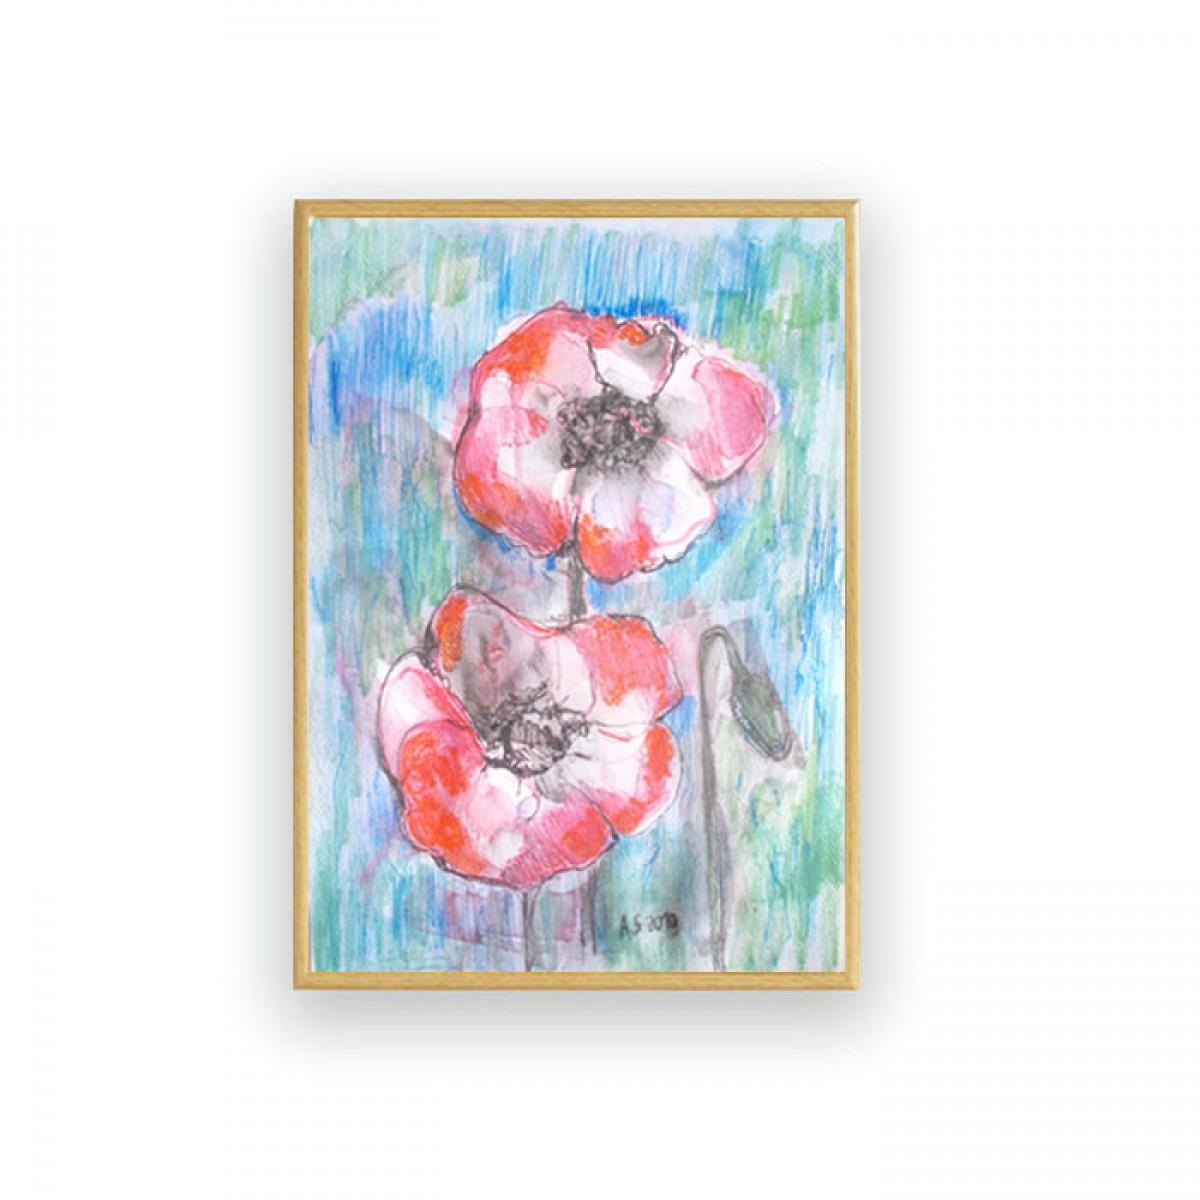 obraz malowany ręcznie, oprawiony szkic z makami, akwarela maki, kwiaty akwarela, łąka obraz do salonu